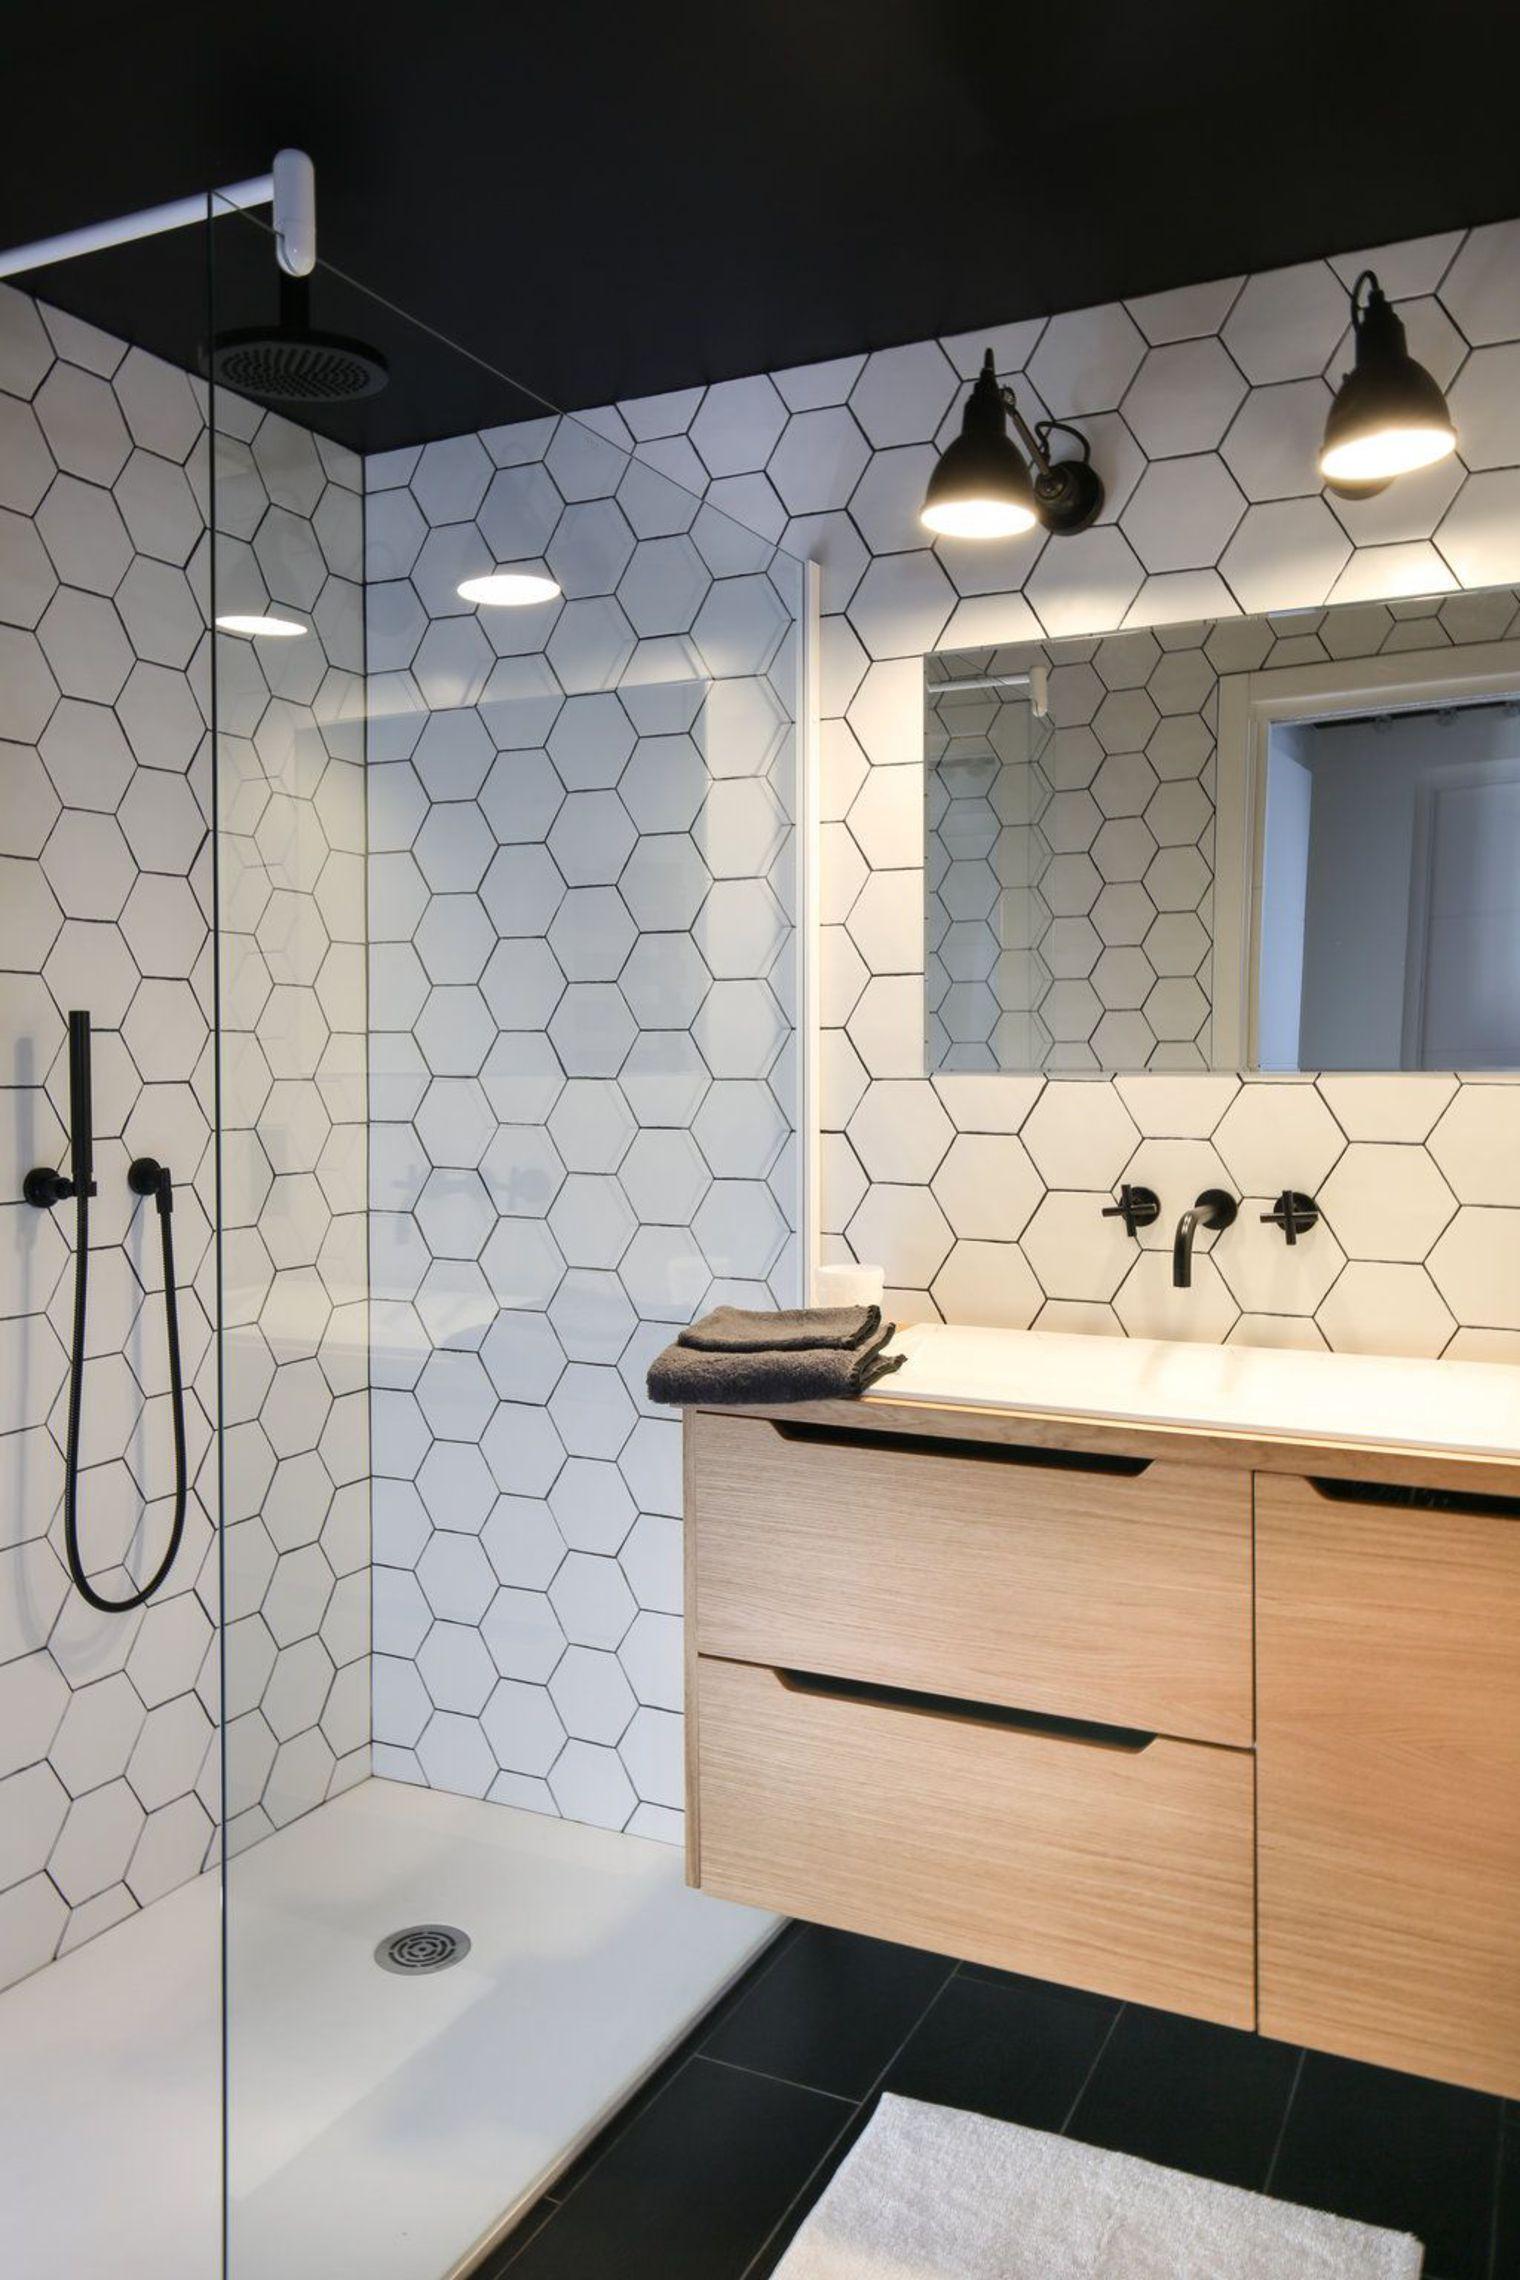 Deco Salle De Bain Avant Apres rénovation salle de bains : avant après | rénovation salle